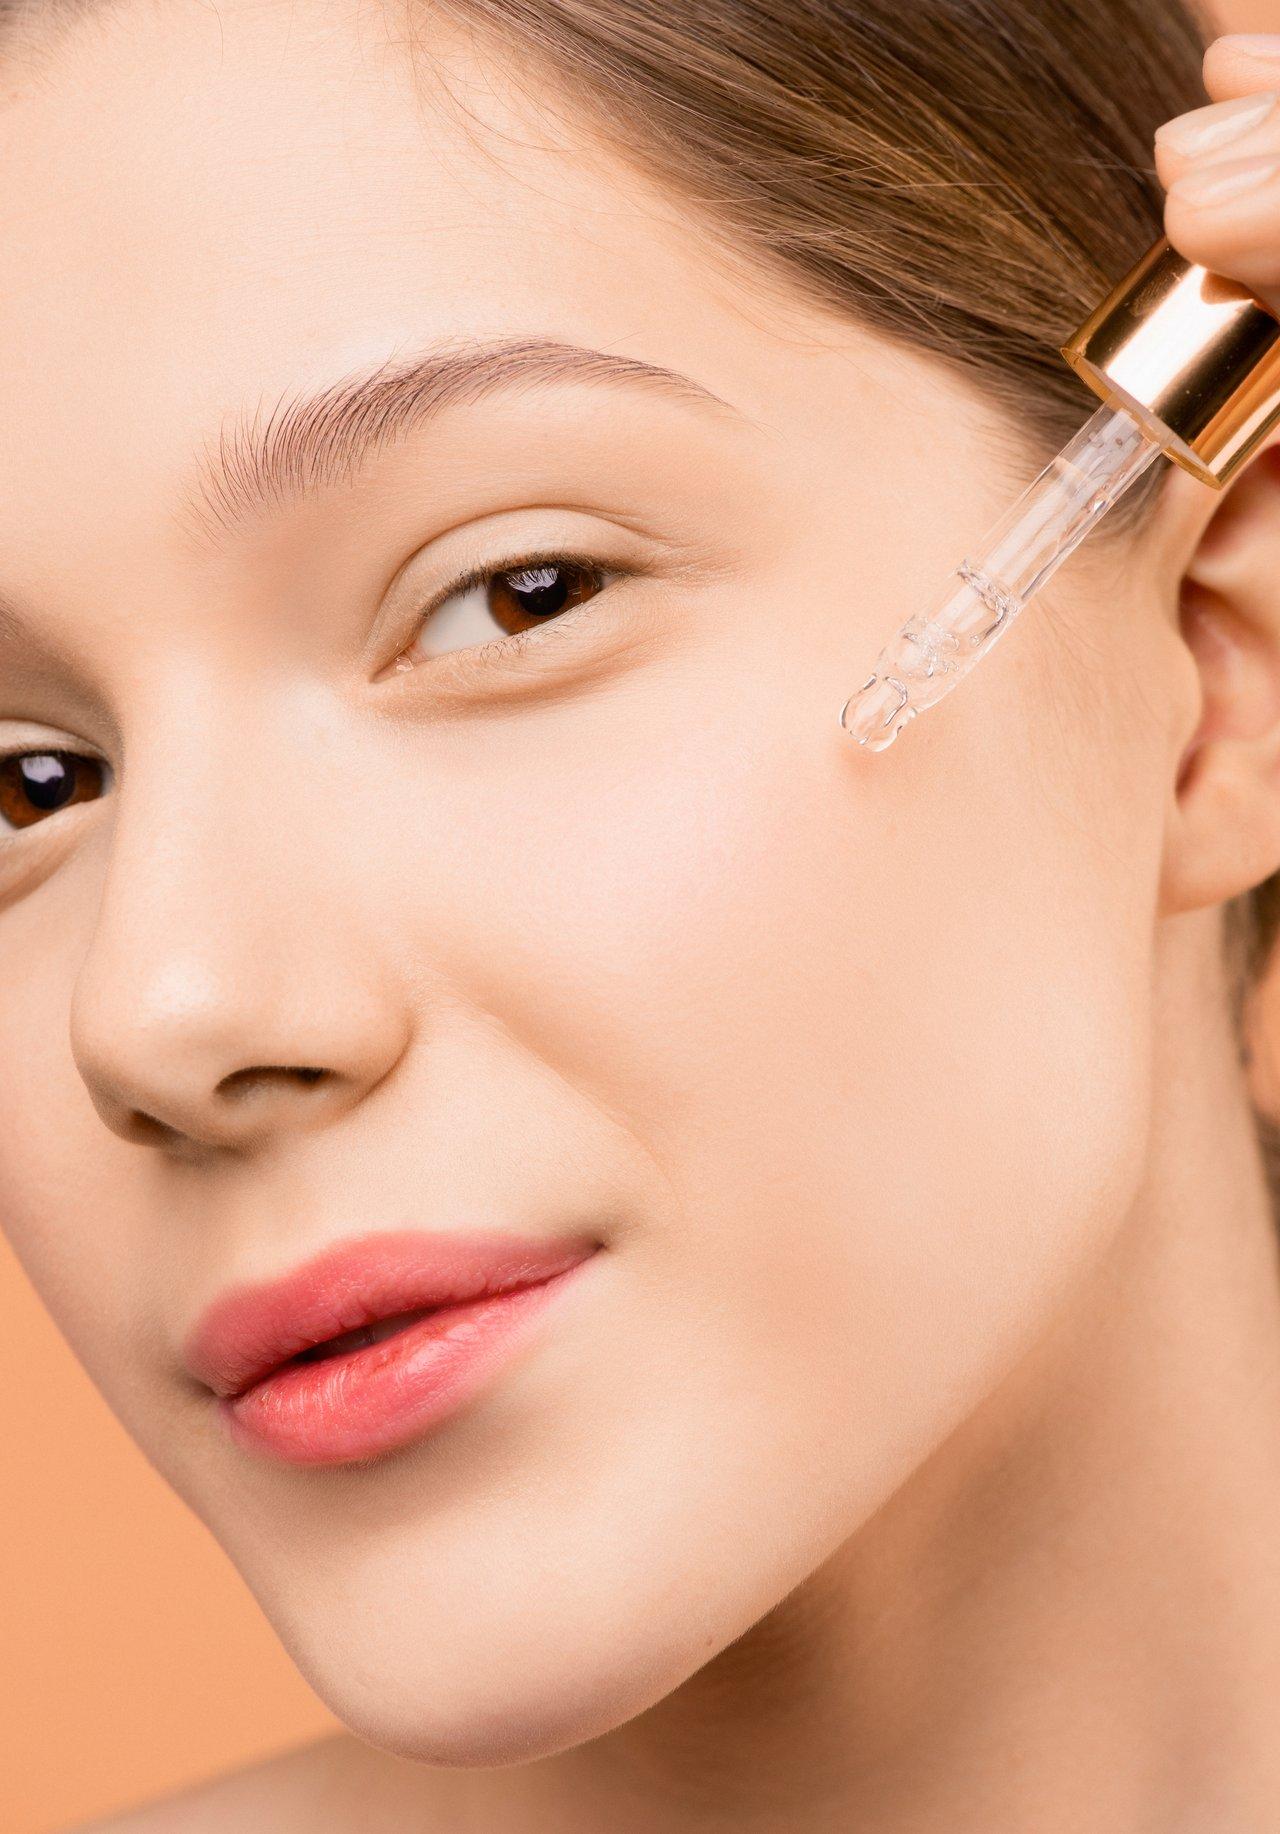 A Dermaviduals filozófiája a Corneoterápia  – az egészséges bőr megőrzésének és helyreállításának tudománya.